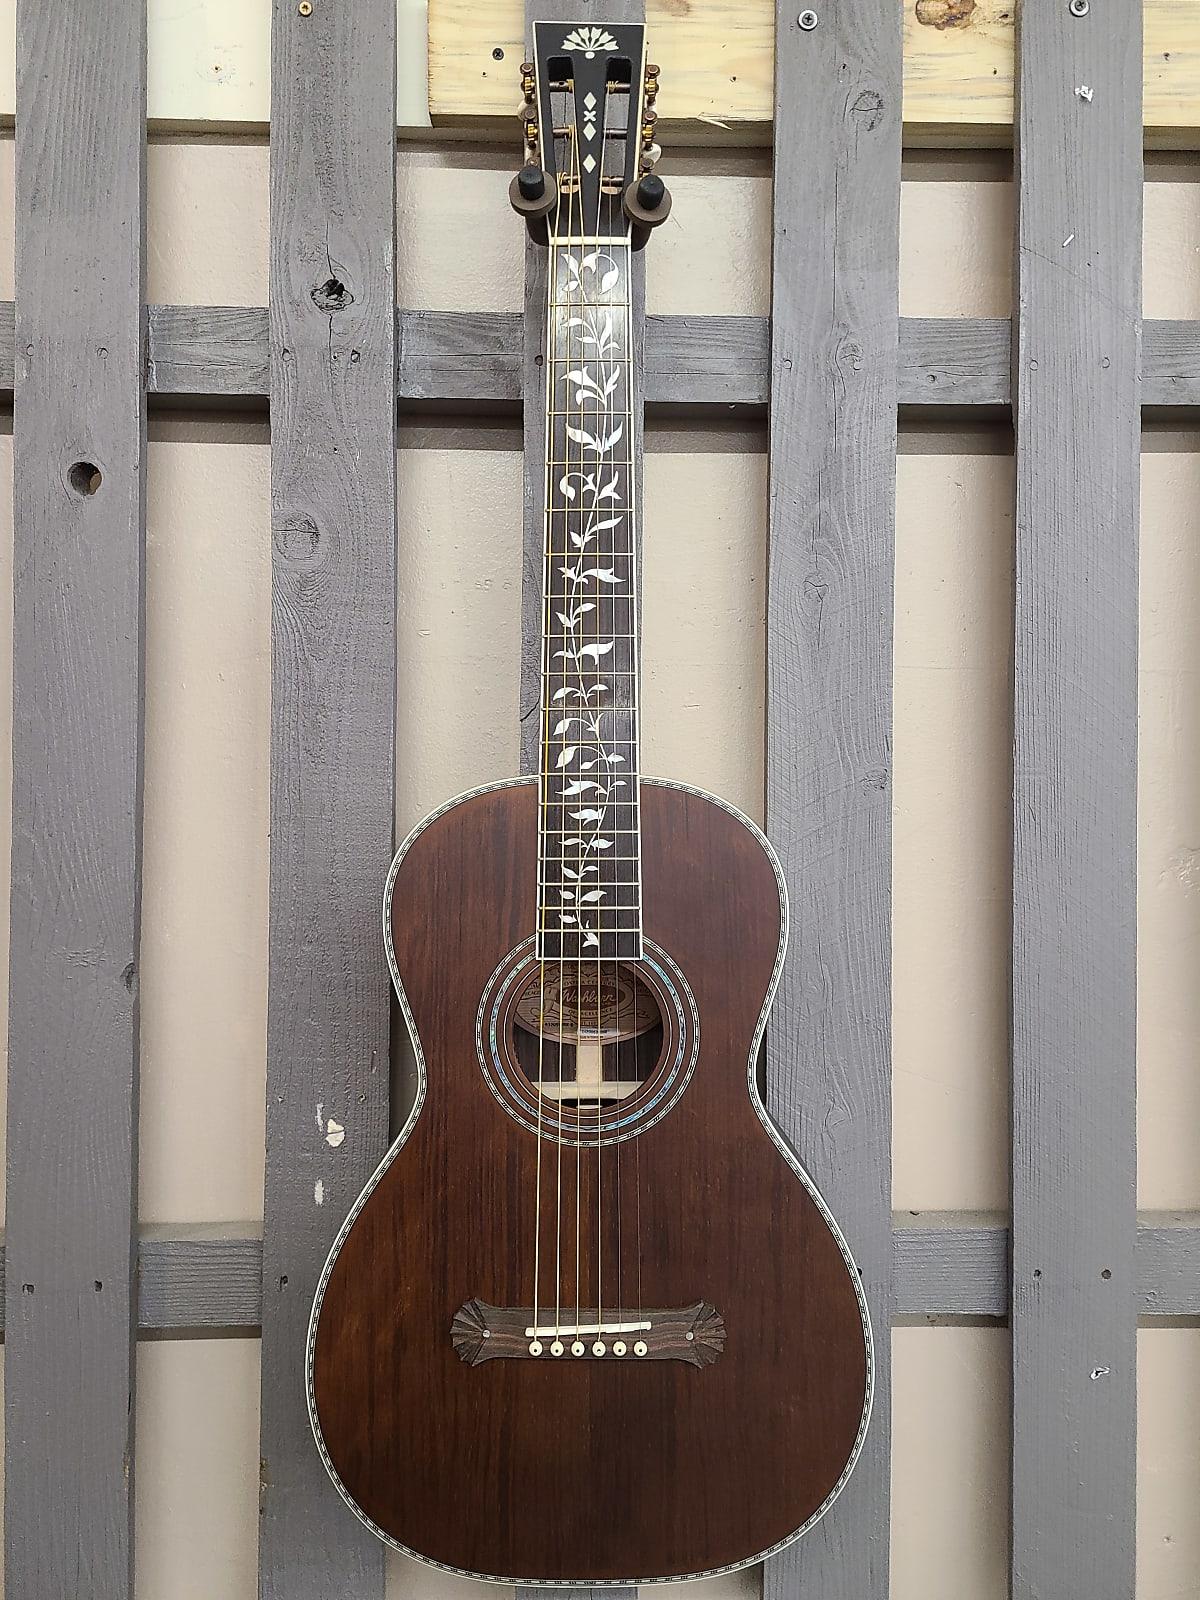 Washburn Revival Solid Parlor Vintage Acoustic